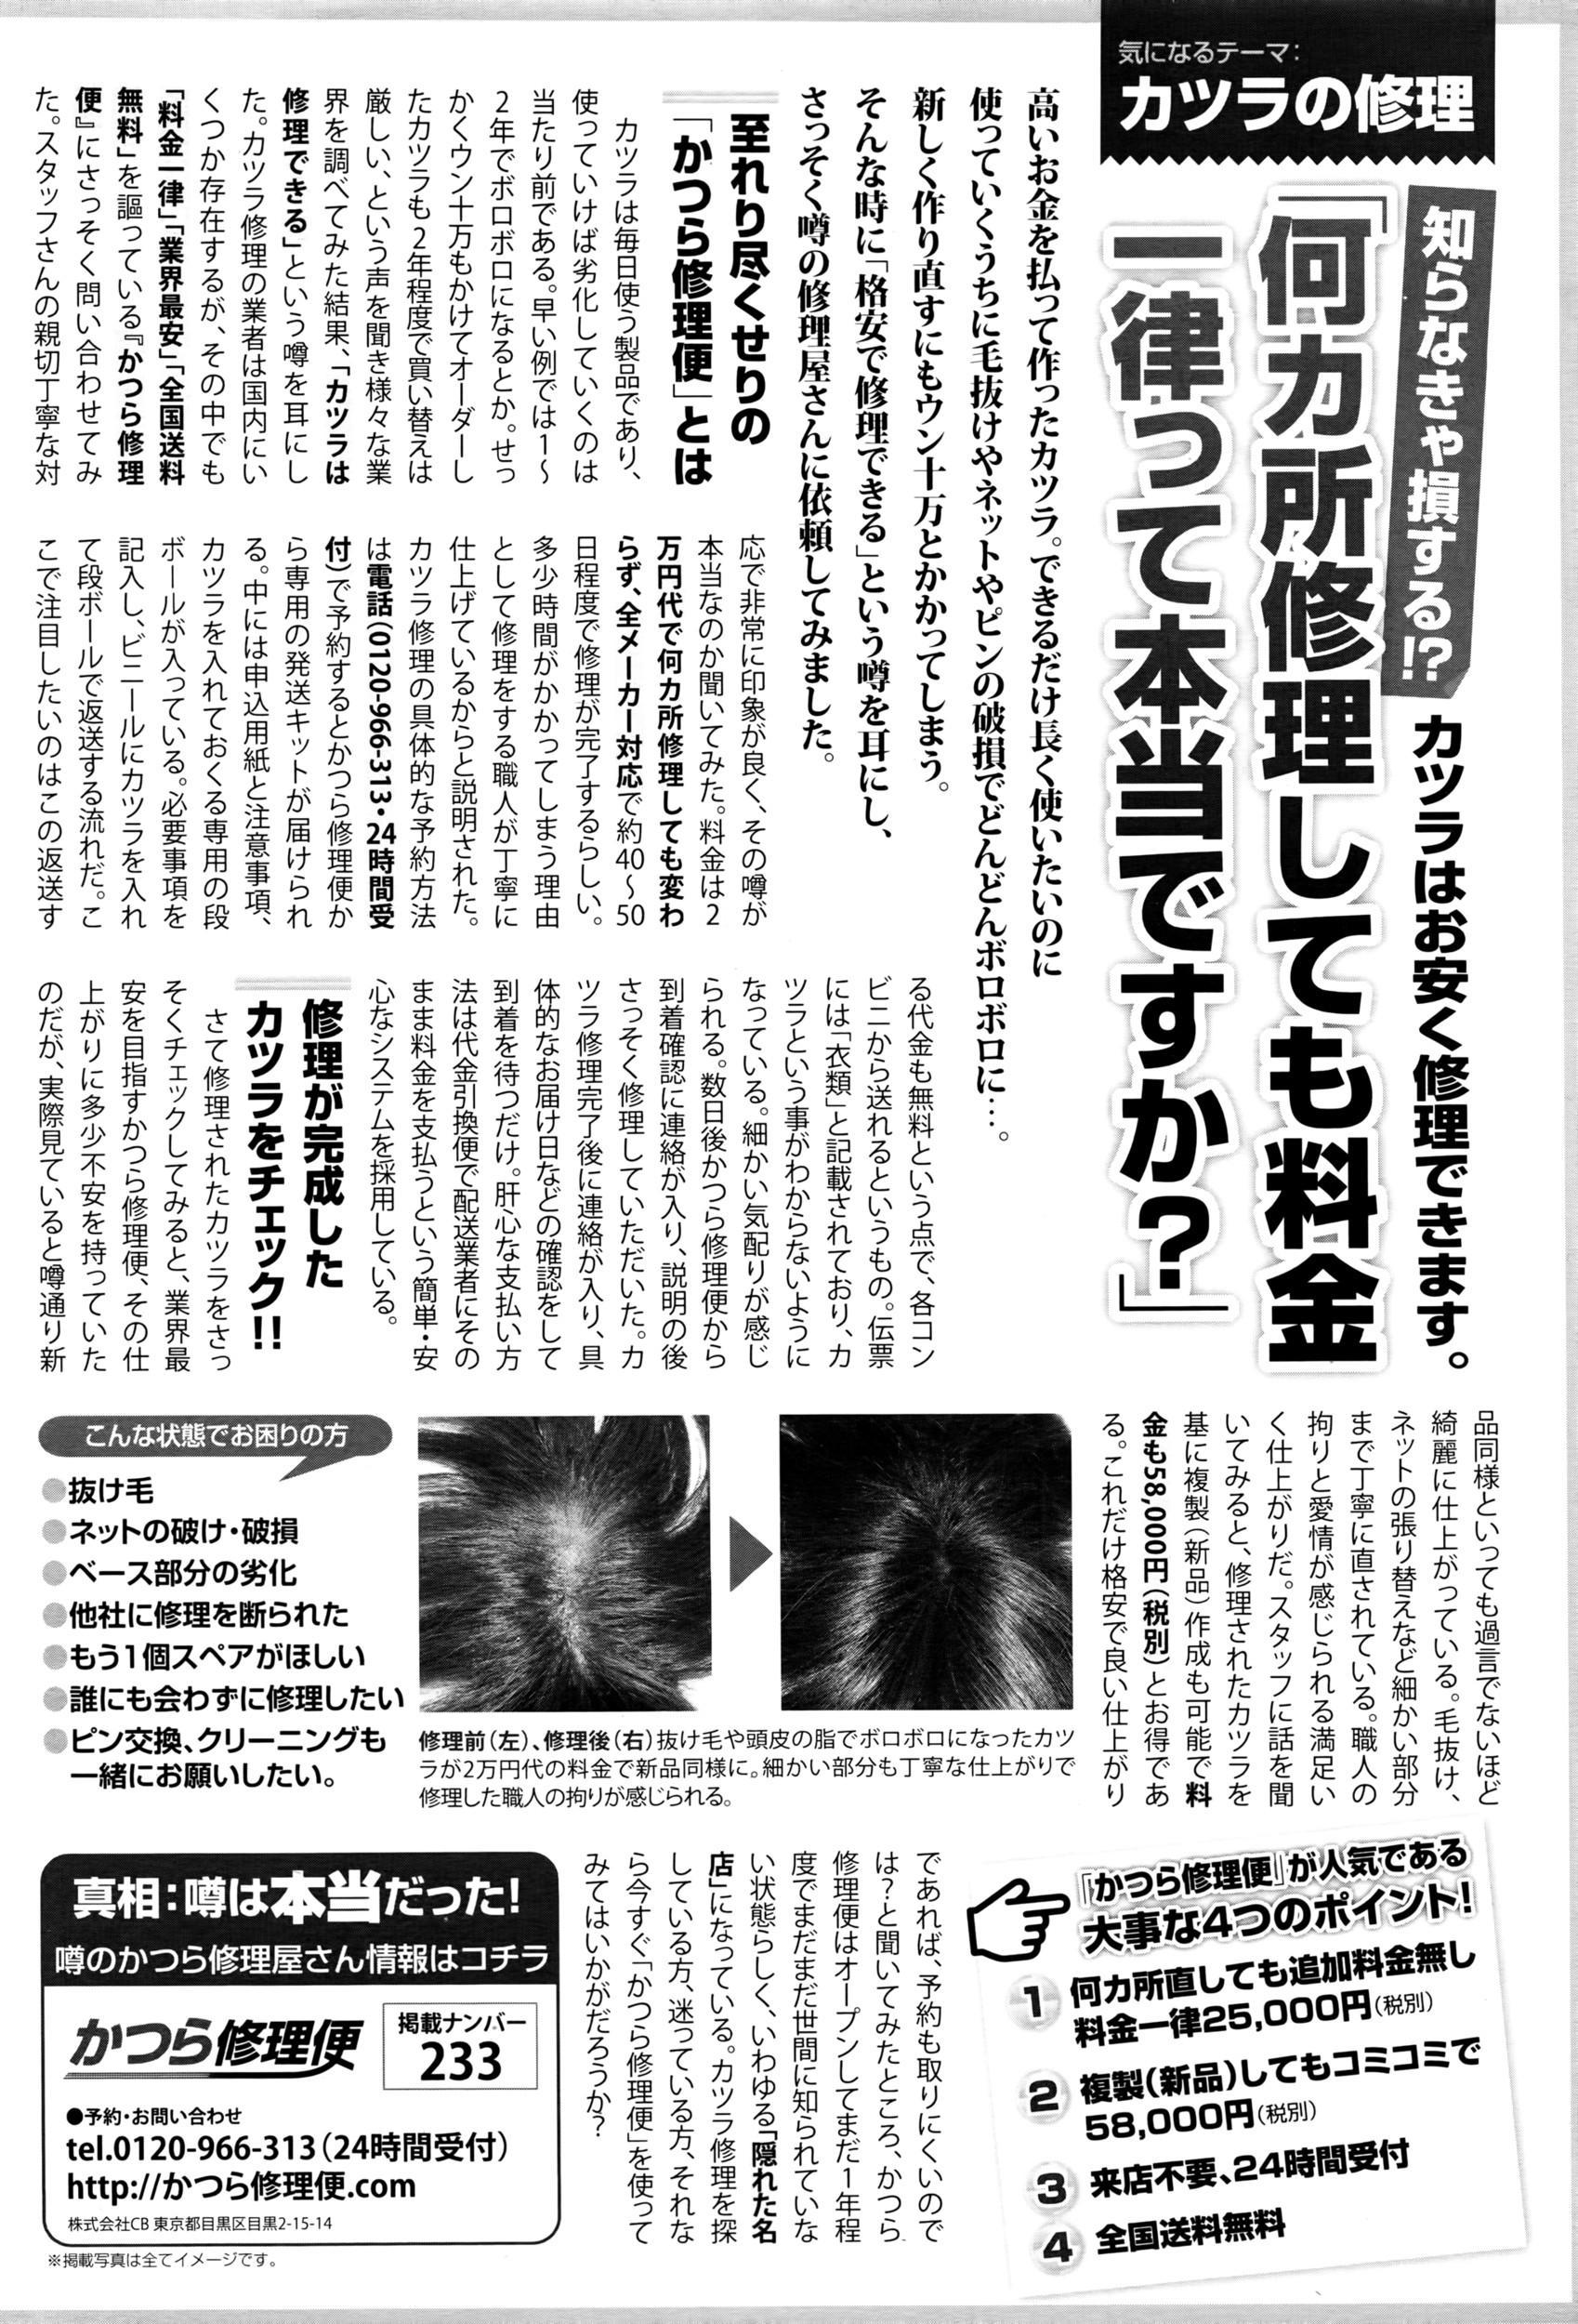 COMIC Tenma 2016-04 416